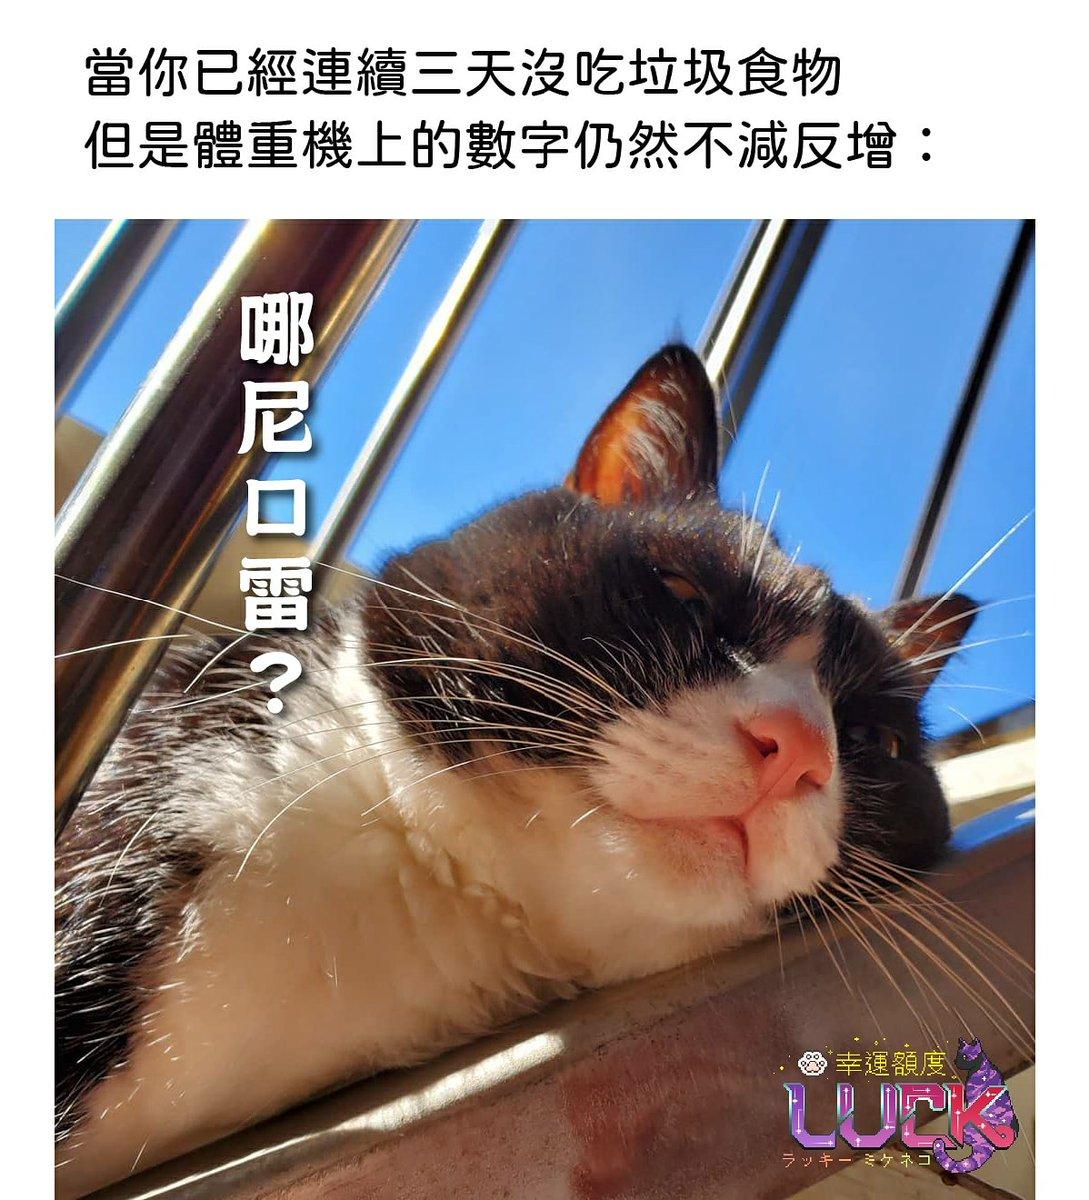 三日間おやつ食べないのに 体重計の数字は減らずに増えた… #めっちゃショック😱 #幸運額度 #cat #taiwan #猫 #猫好きさんと繋がりたい #猫好き #猫写真 #猫のいる生活 #インスタ映え #貓 #台灣 #台湾 #REO #レオ #ハチワレ #ハチワレ猫 #賓士貓 #Tuxedo #雷歐 https://t.co/flfWUFNitF